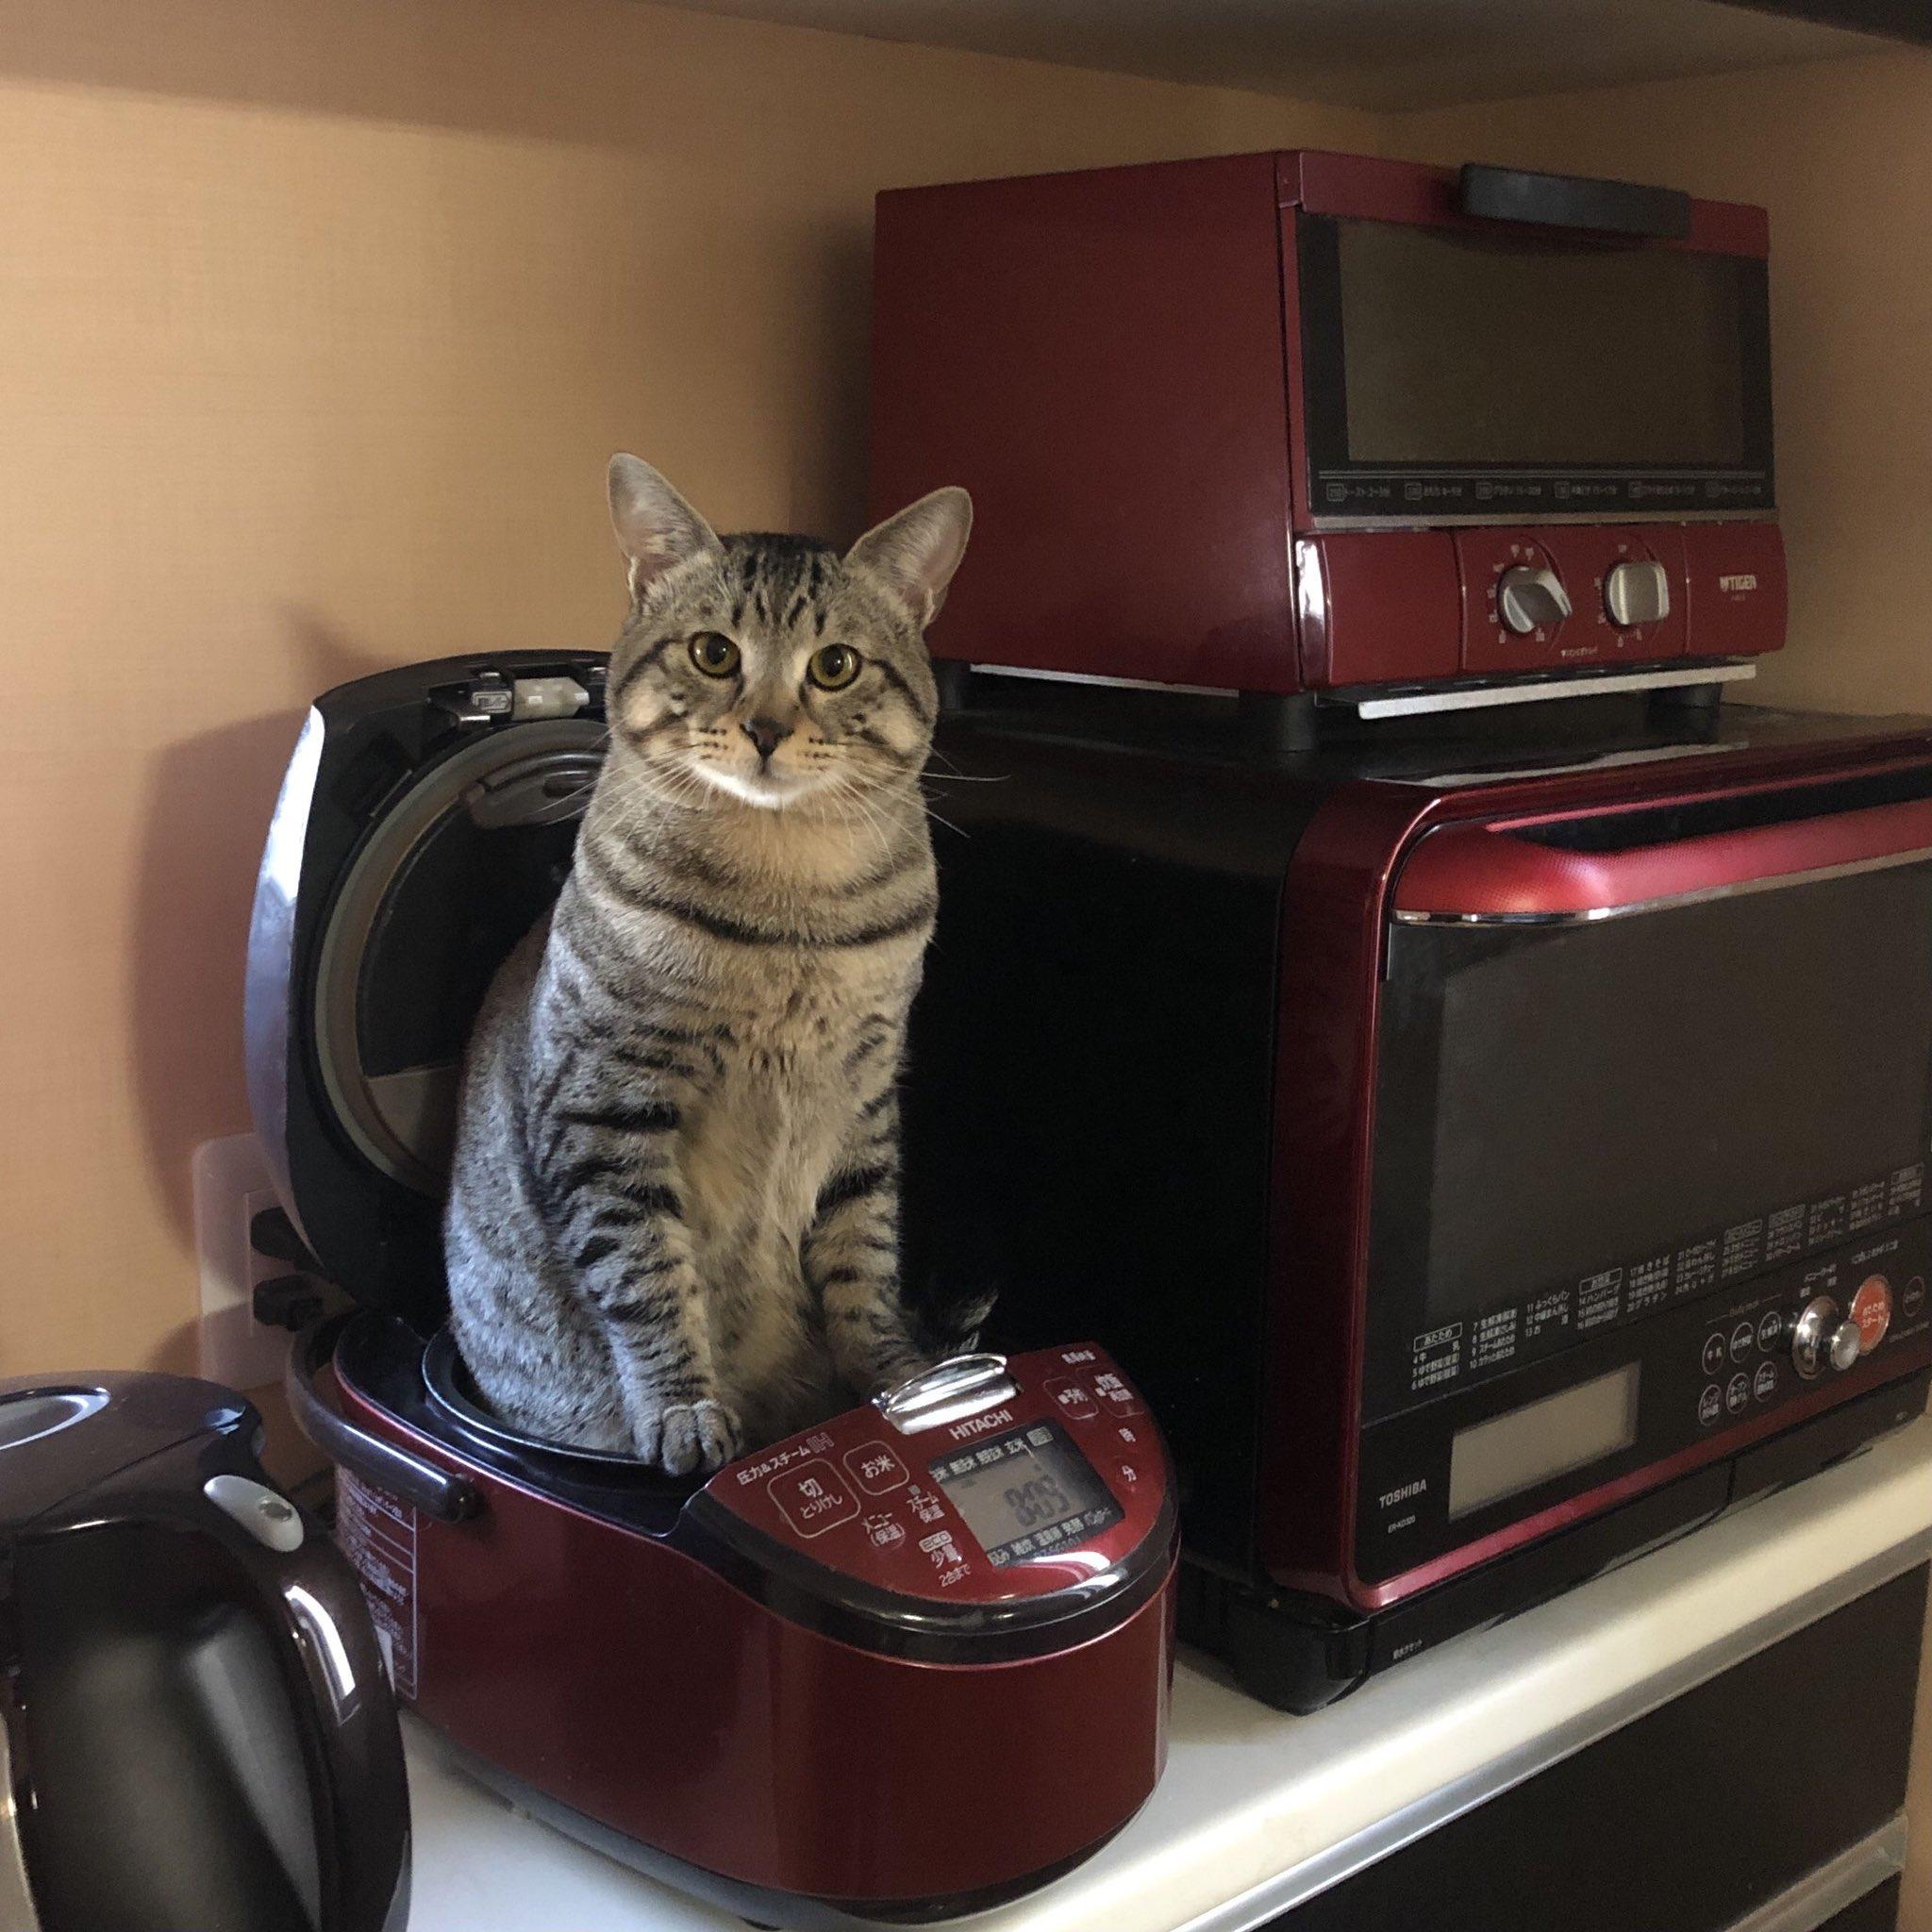 【画像】猫ちゃん、炊飯器に入れられてしまうw